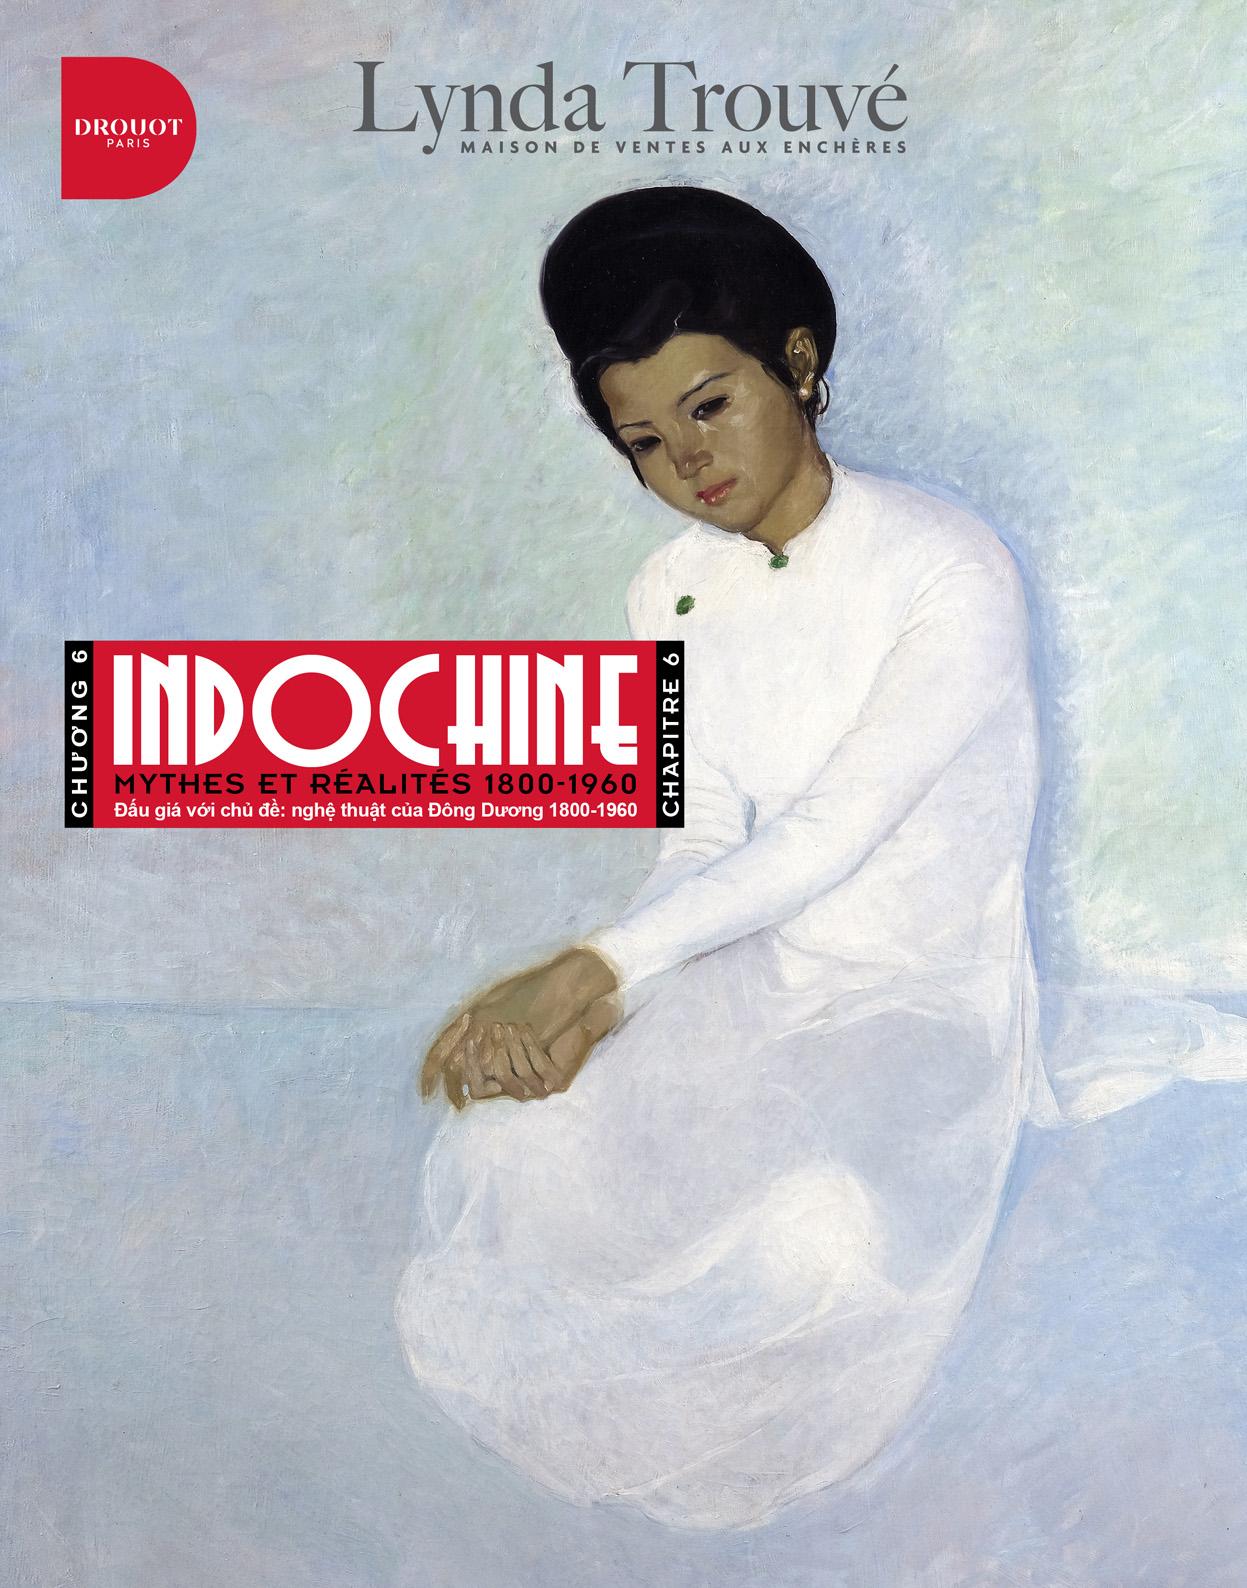 Vente Indochine - L'Art en Indochine et au Vietnam (1800-1960) - 2ème Partie chez Lynda Trouvé OVV : 322 lots